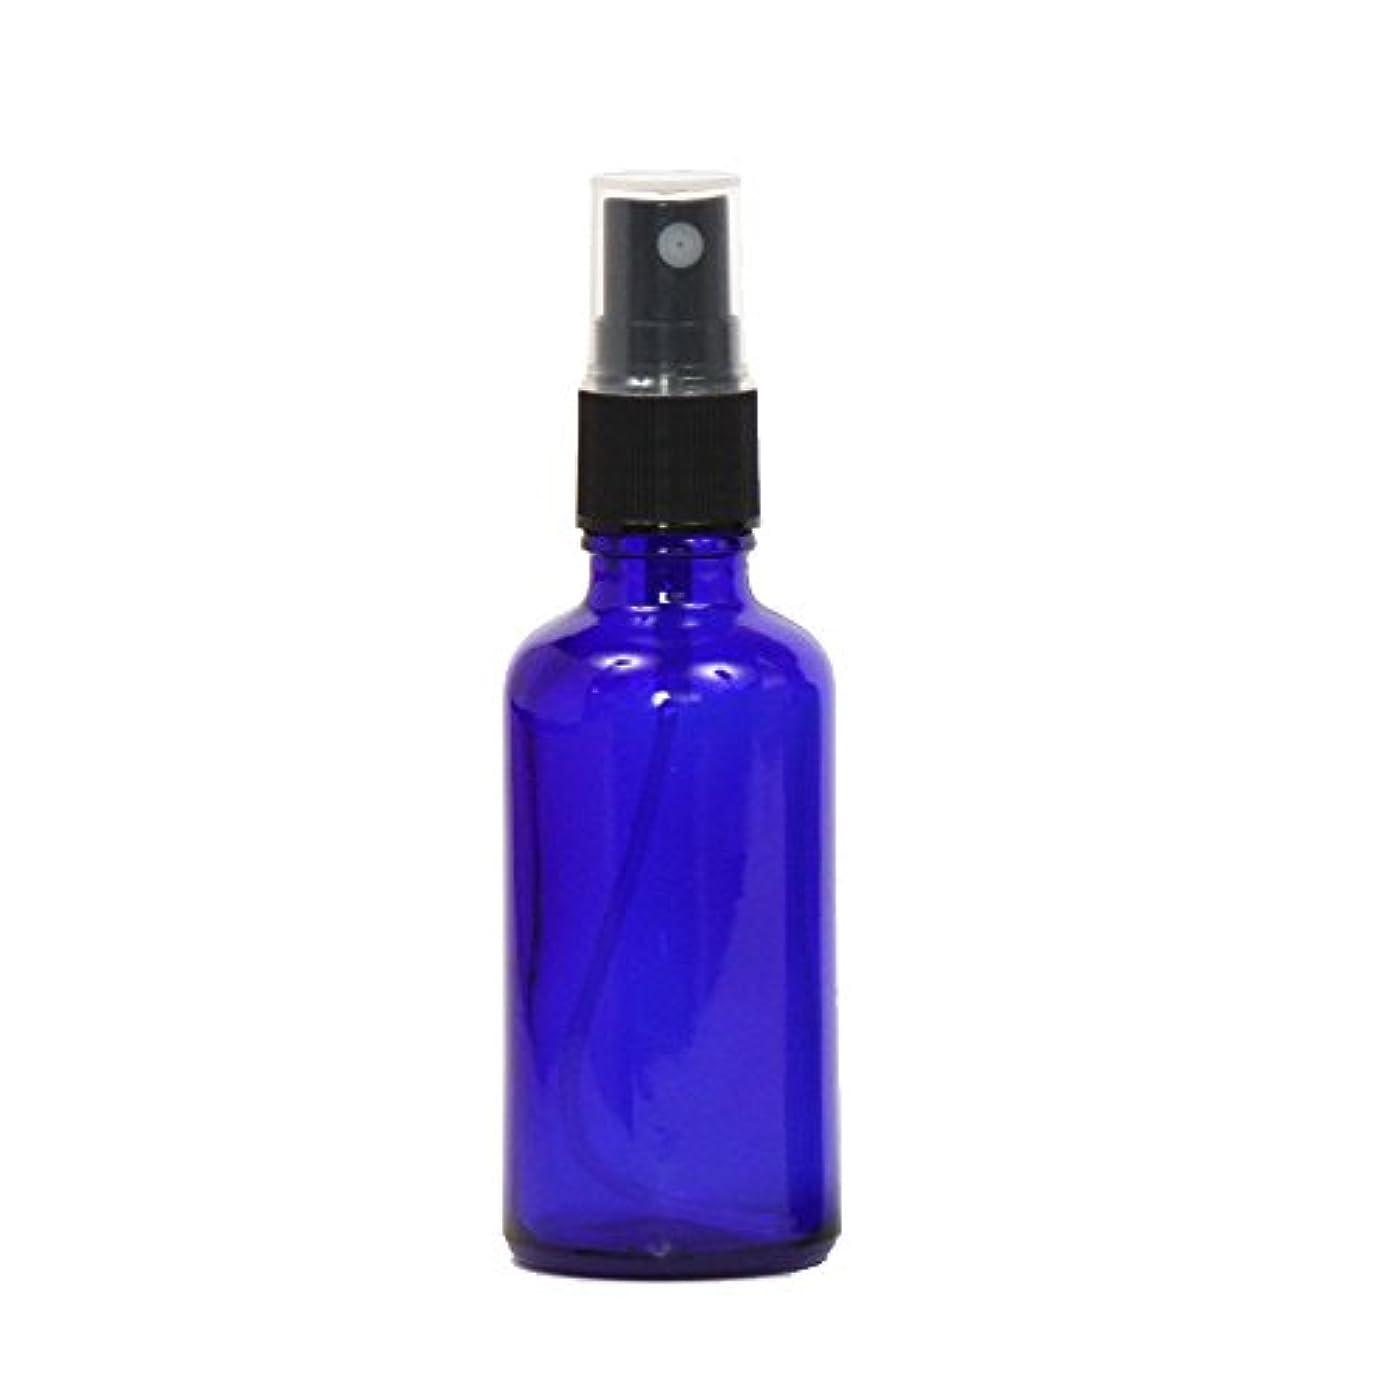 典型的な叫び声オリエンタルスプレー容器 ガラス瓶ボトル 50mL 遮光性ブルー おしゃれガラスアトマイザー 空容器bu50g